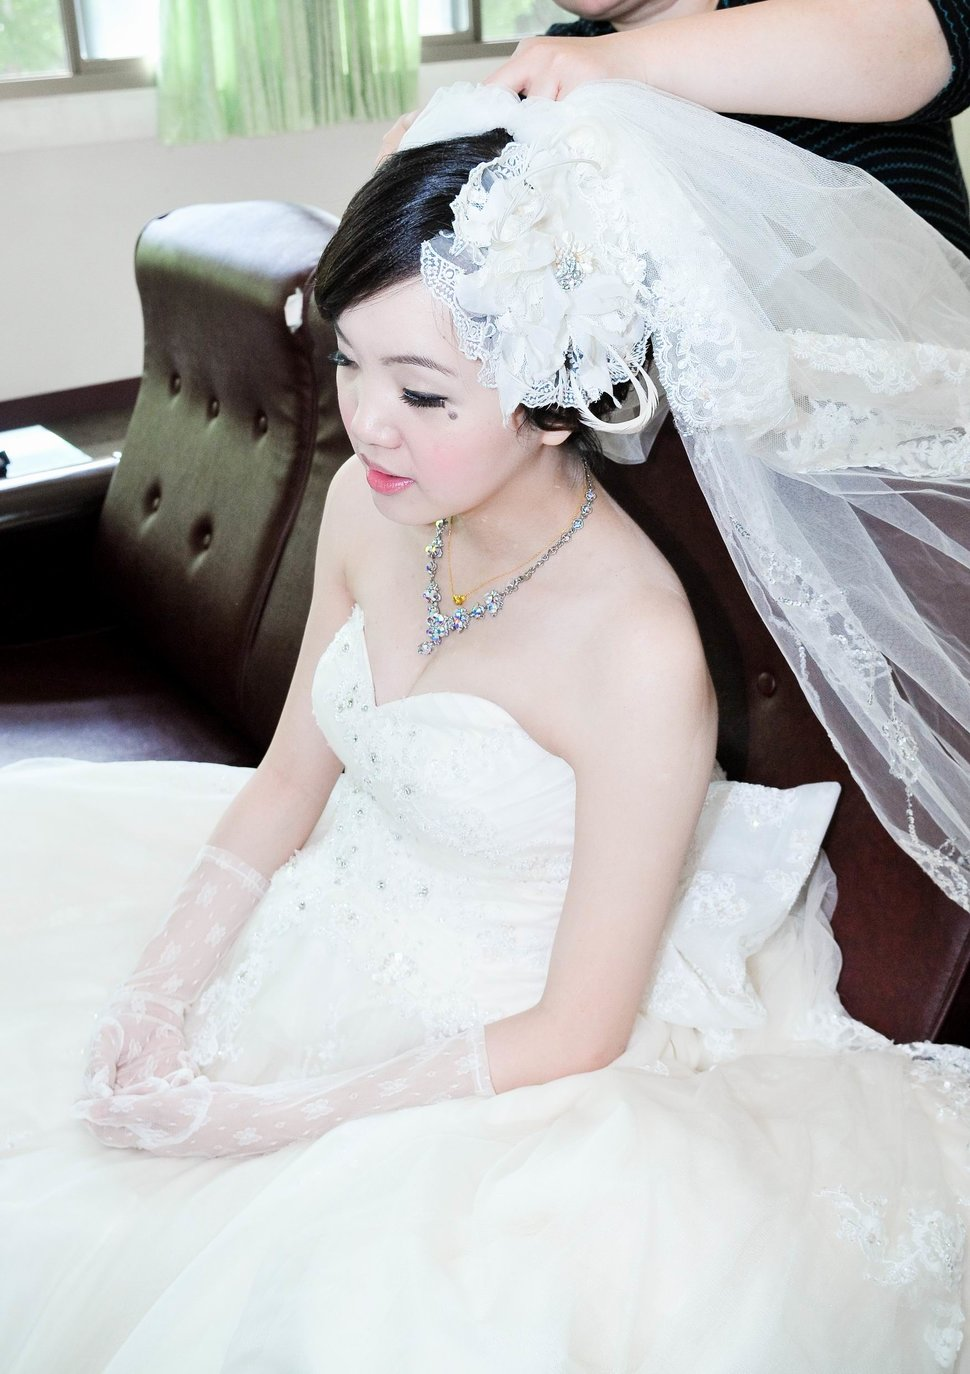 台中天野養生餐廳婚禮記錄婚禮記錄動態微電影錄影專業錄影平面攝影(編號:196360) - 蜜月拍照10800錄影12800攝影團隊 - 結婚吧